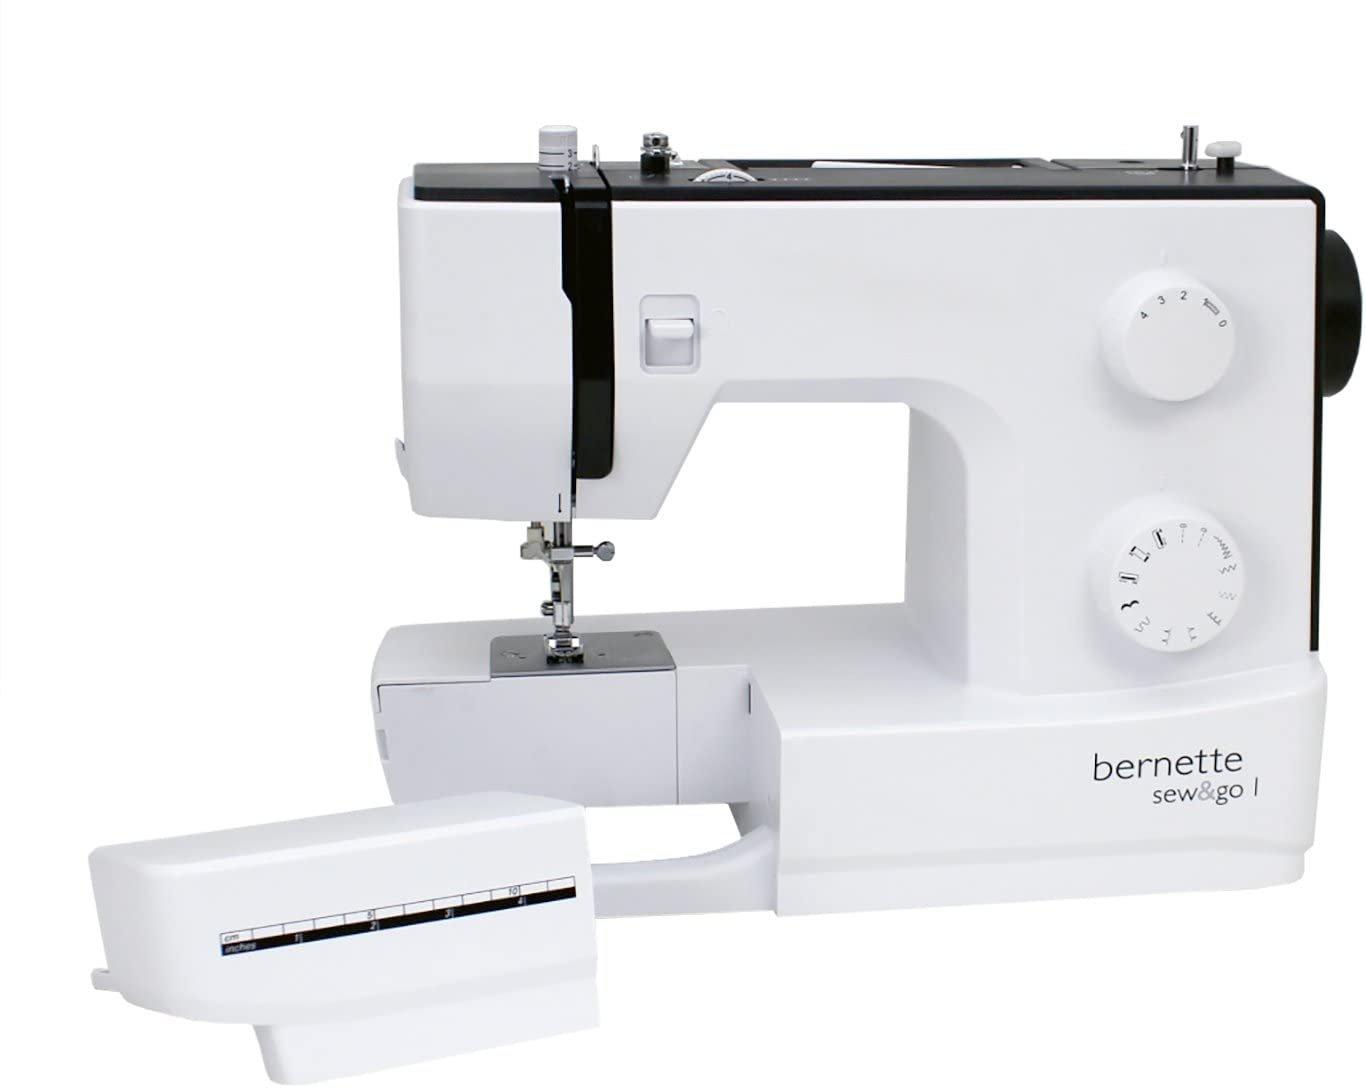 Bernette Sew & Go